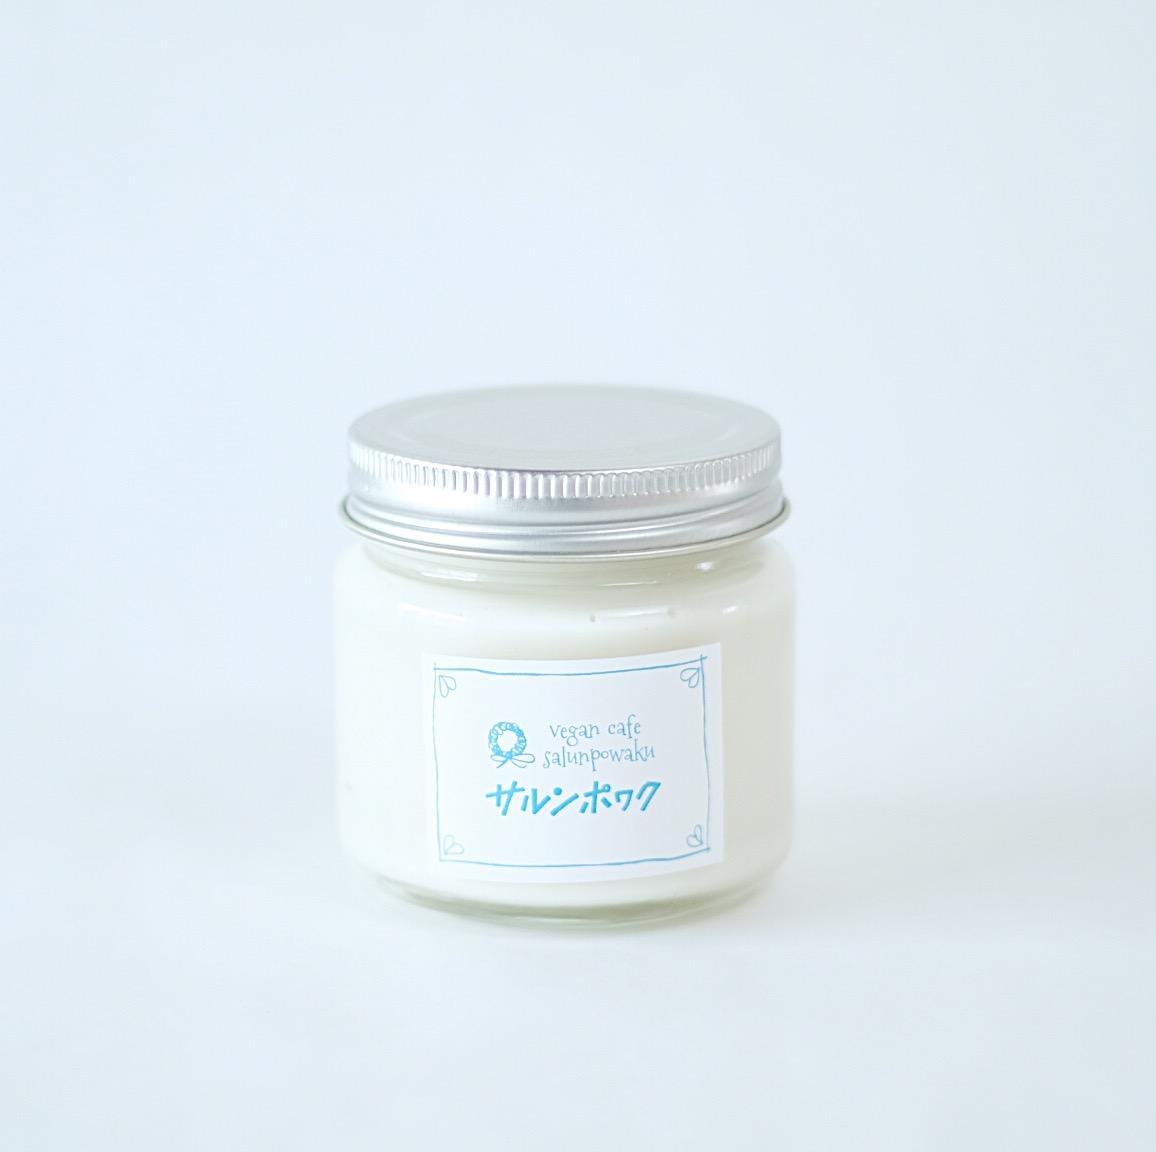 豆乳バニラクリーム